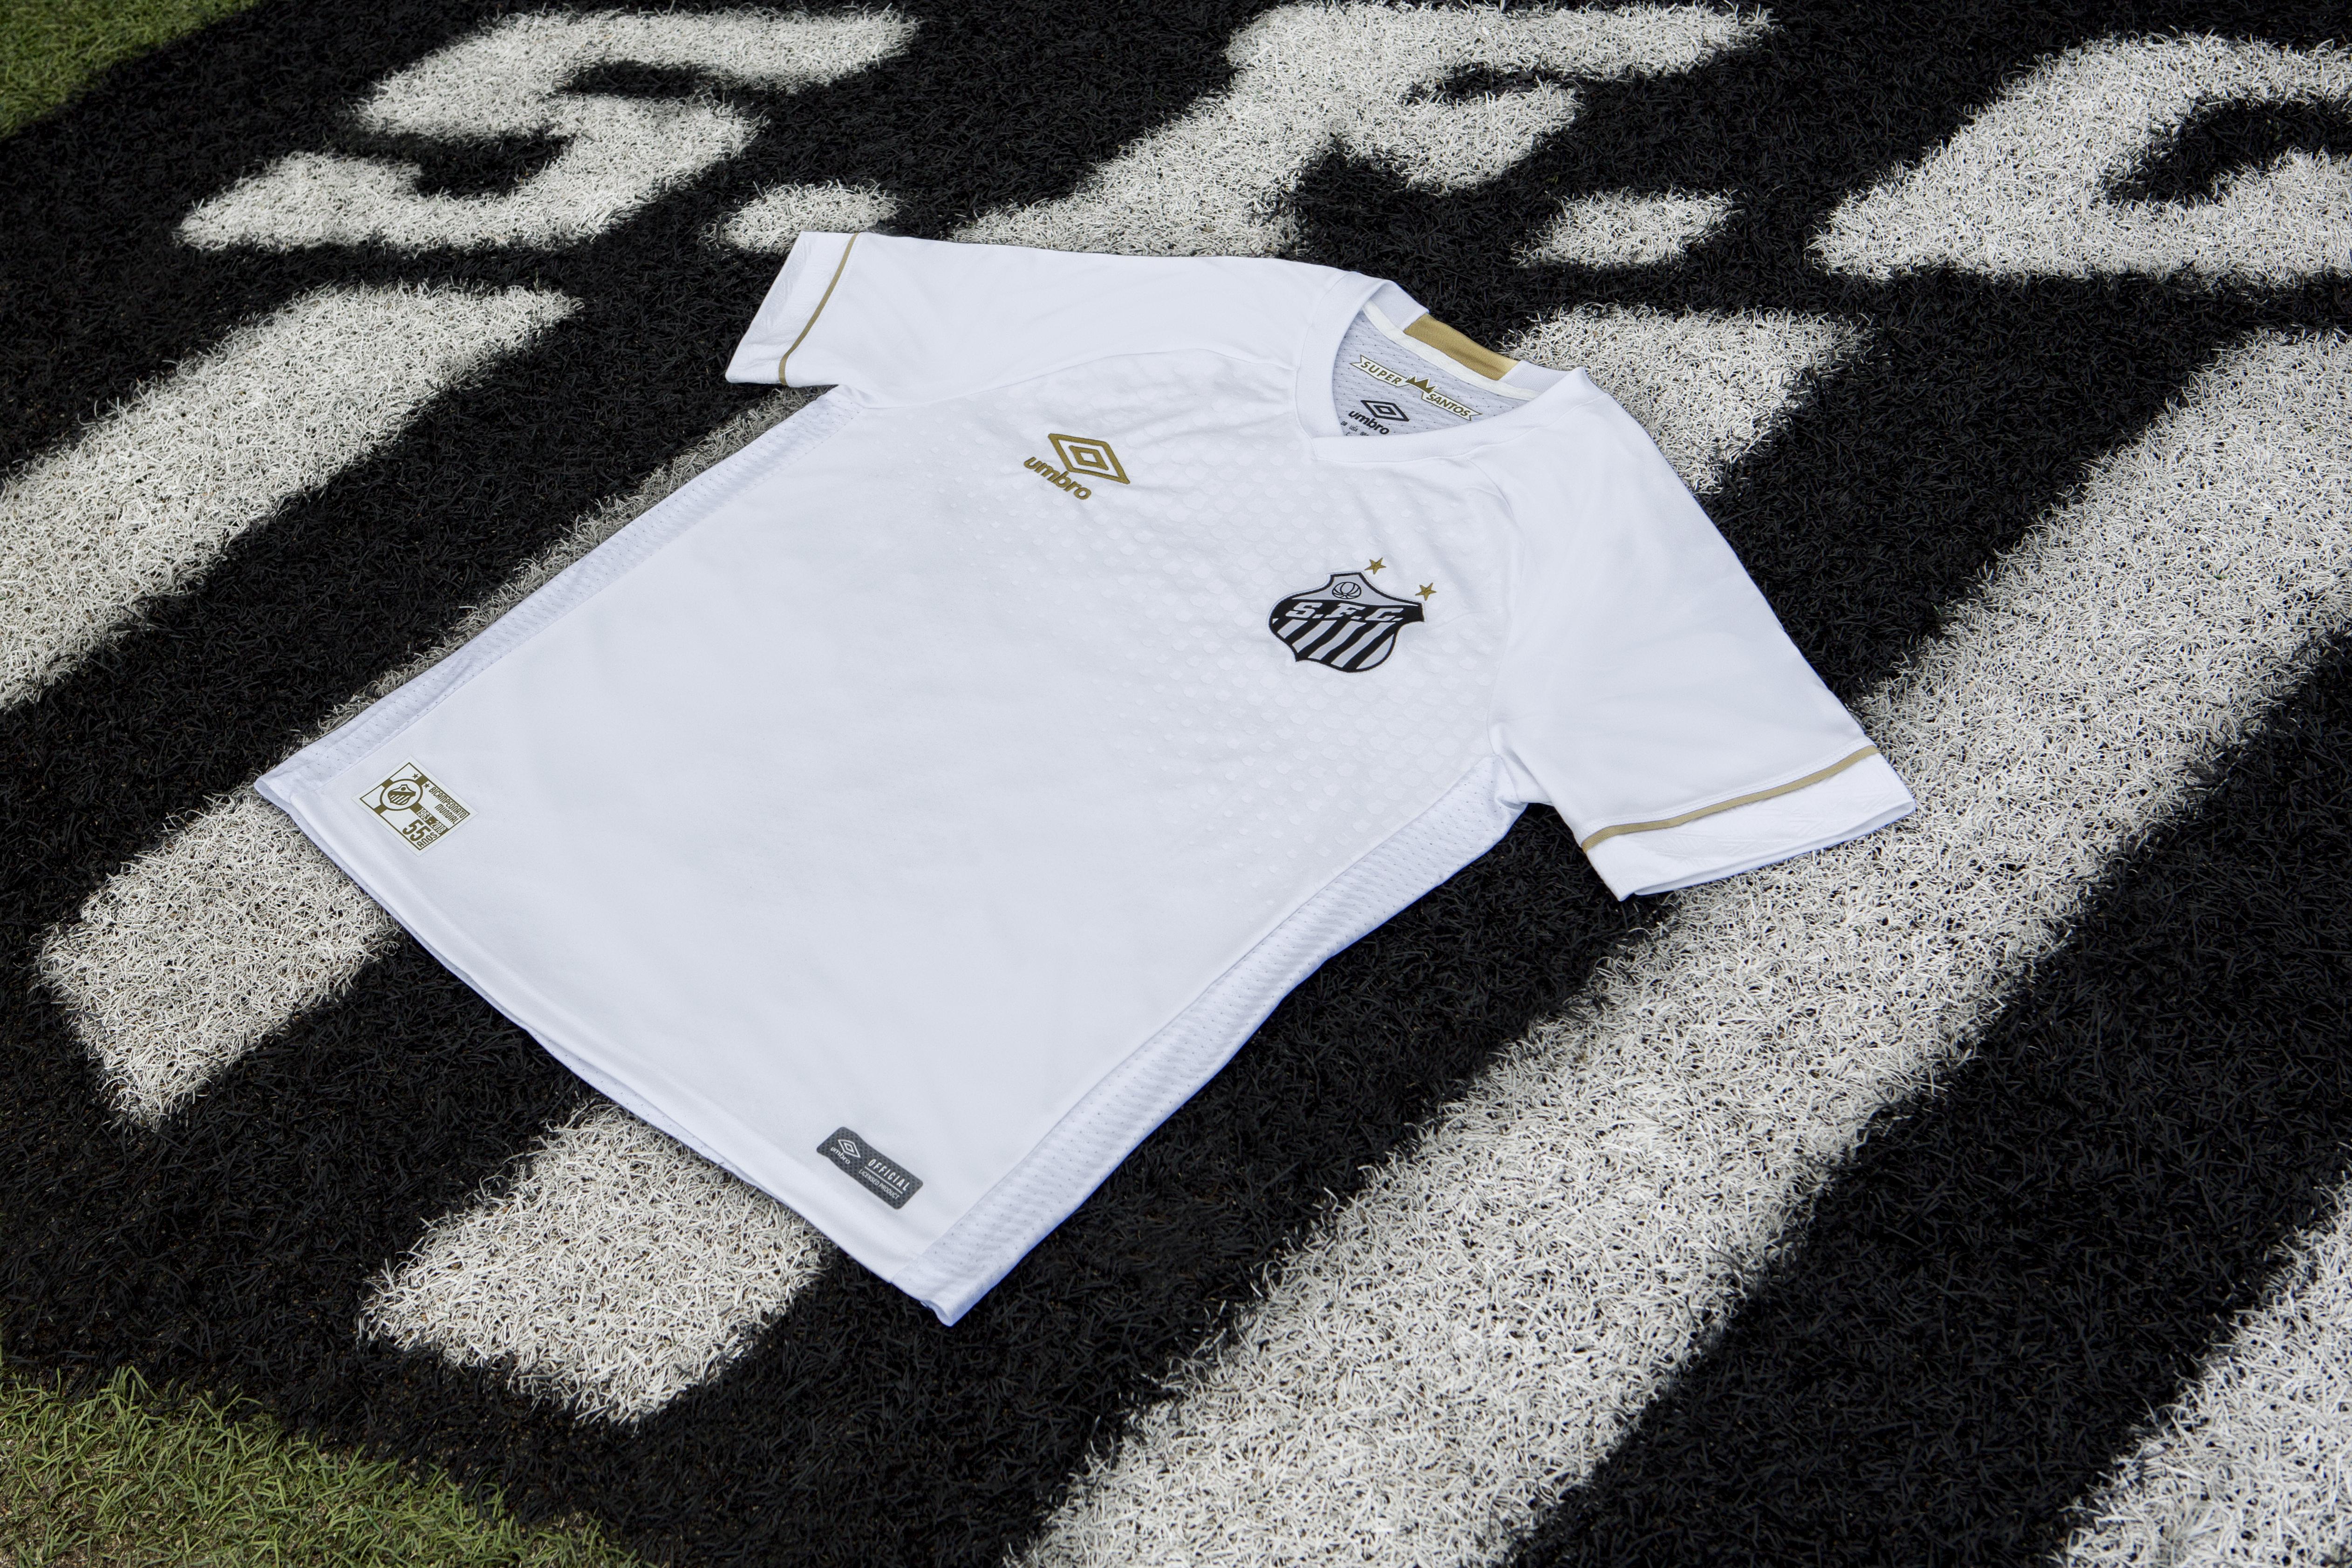 Já para camisa oficial 2 a escolha foi pelo listrado vertical preto e  branco 606ee1543d81b